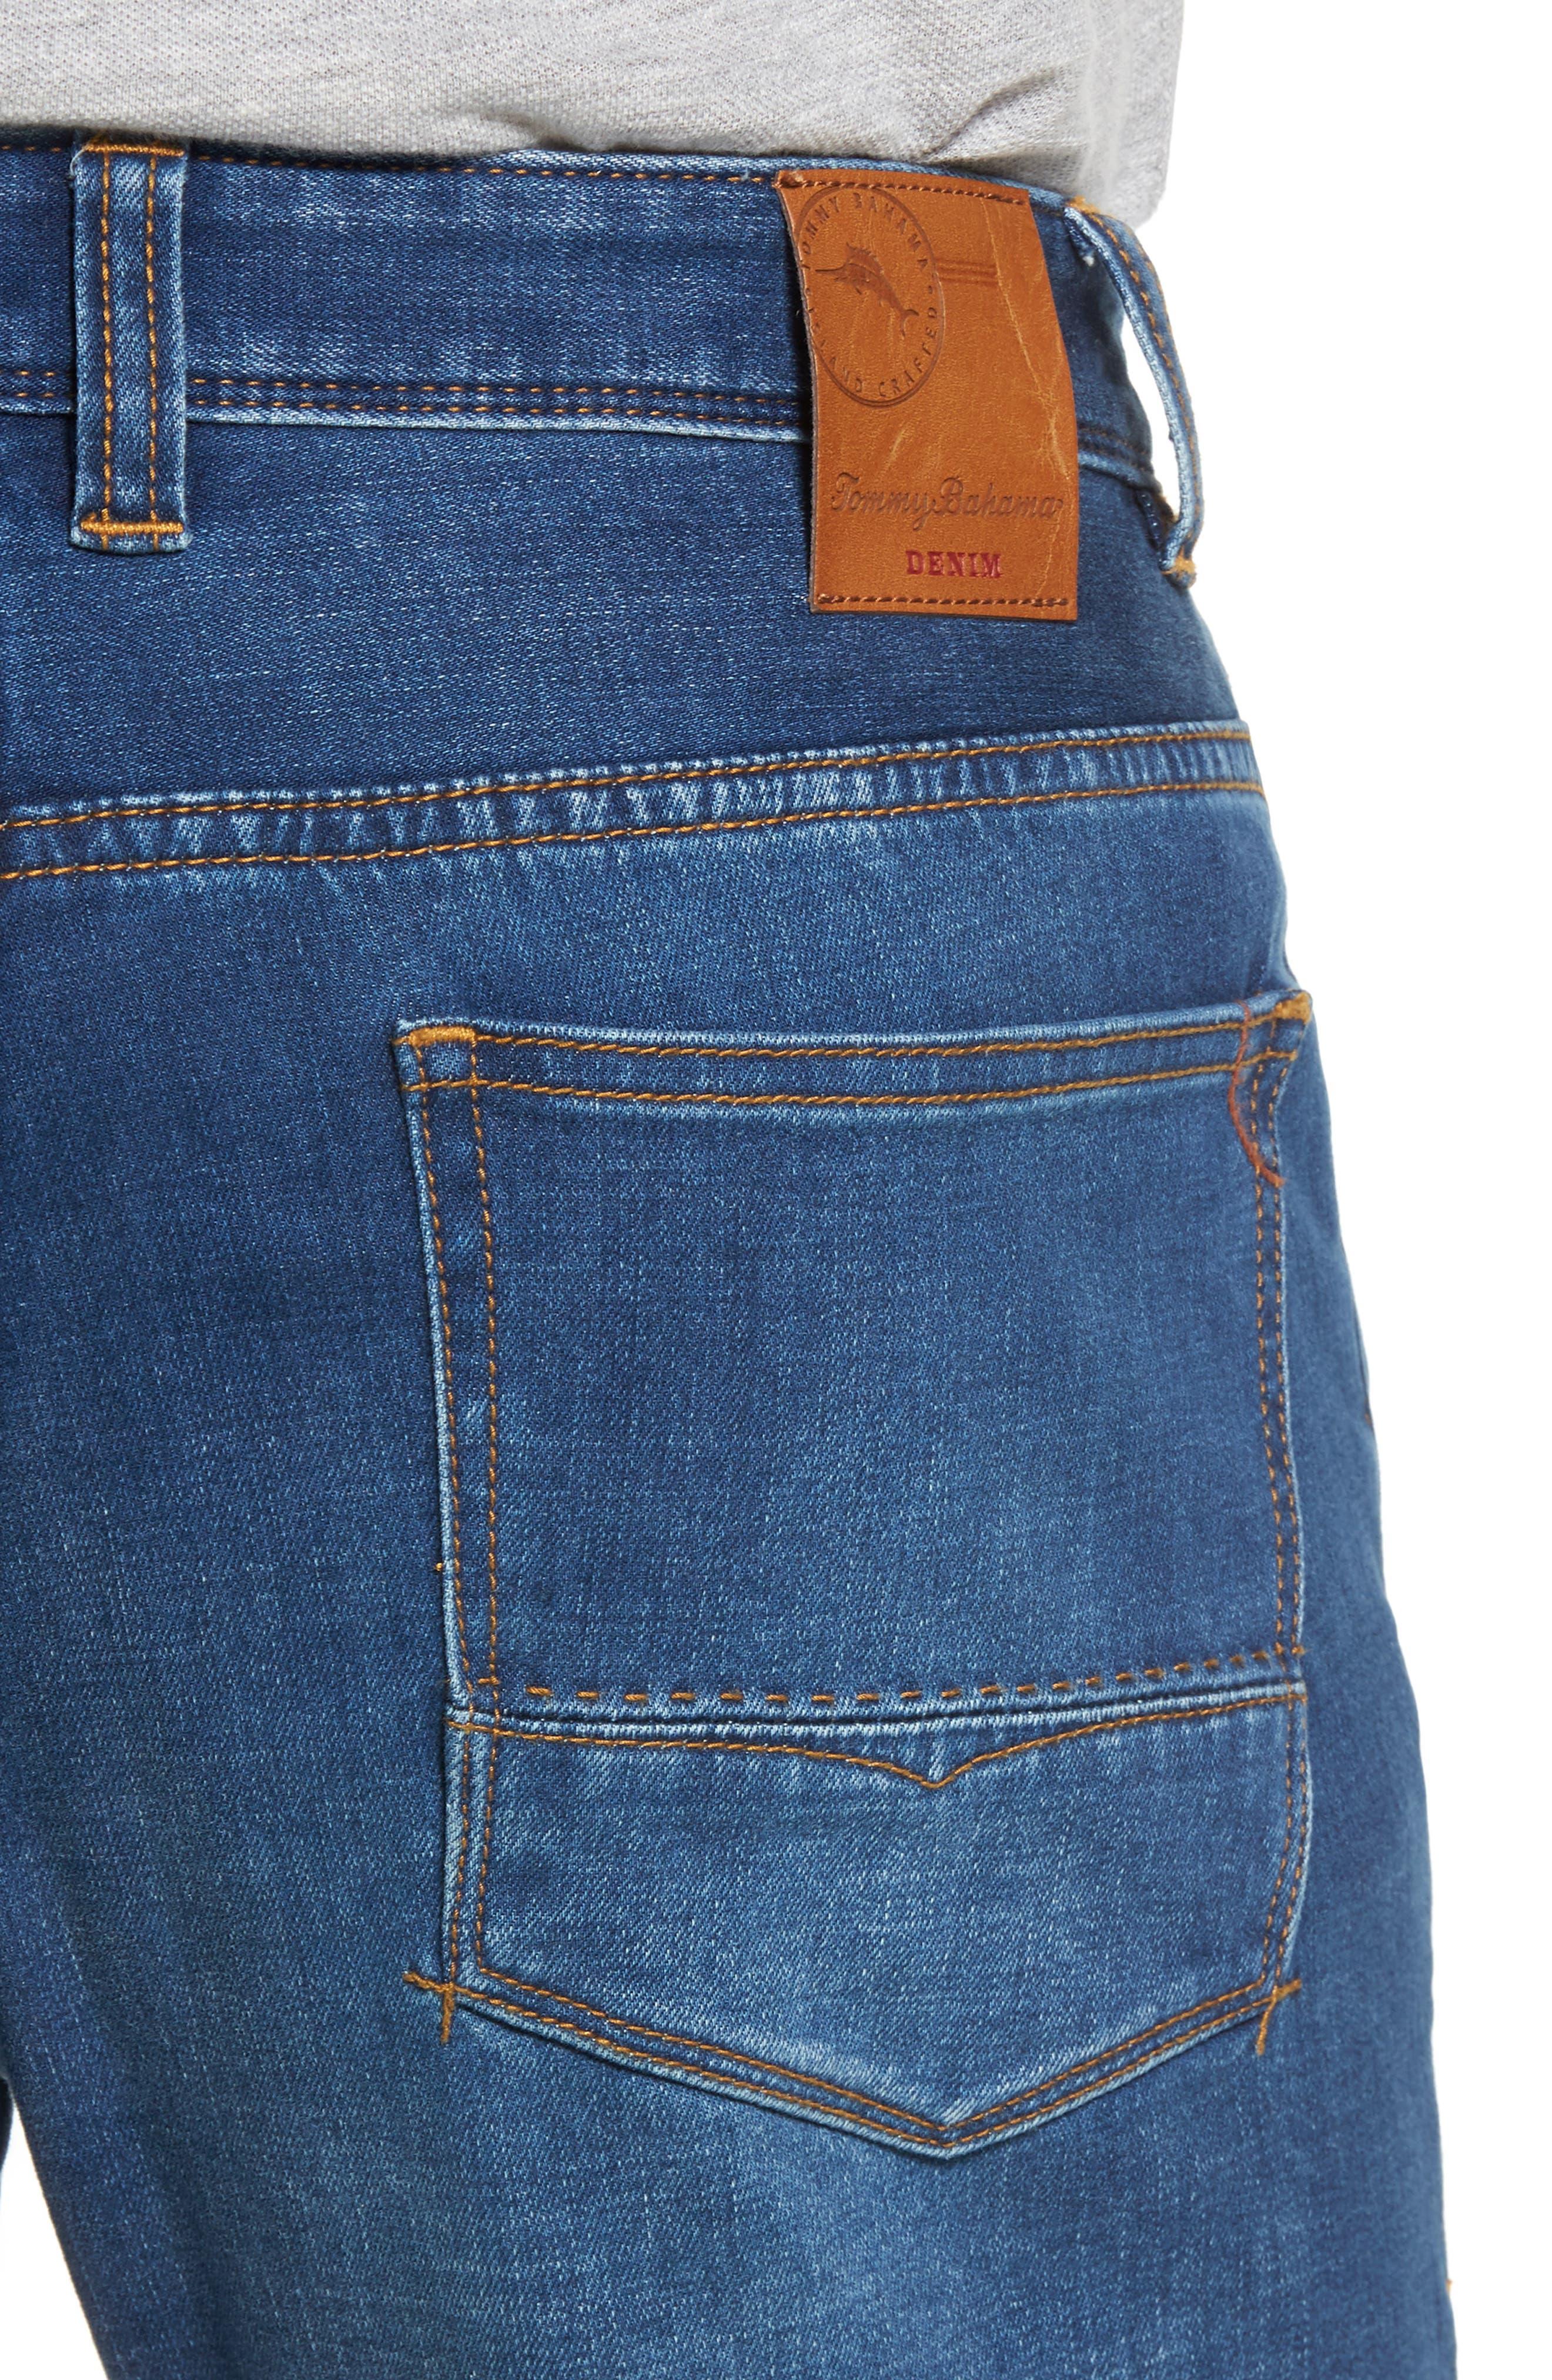 Caicos Authentic Fit Jeans,                             Alternate thumbnail 4, color,